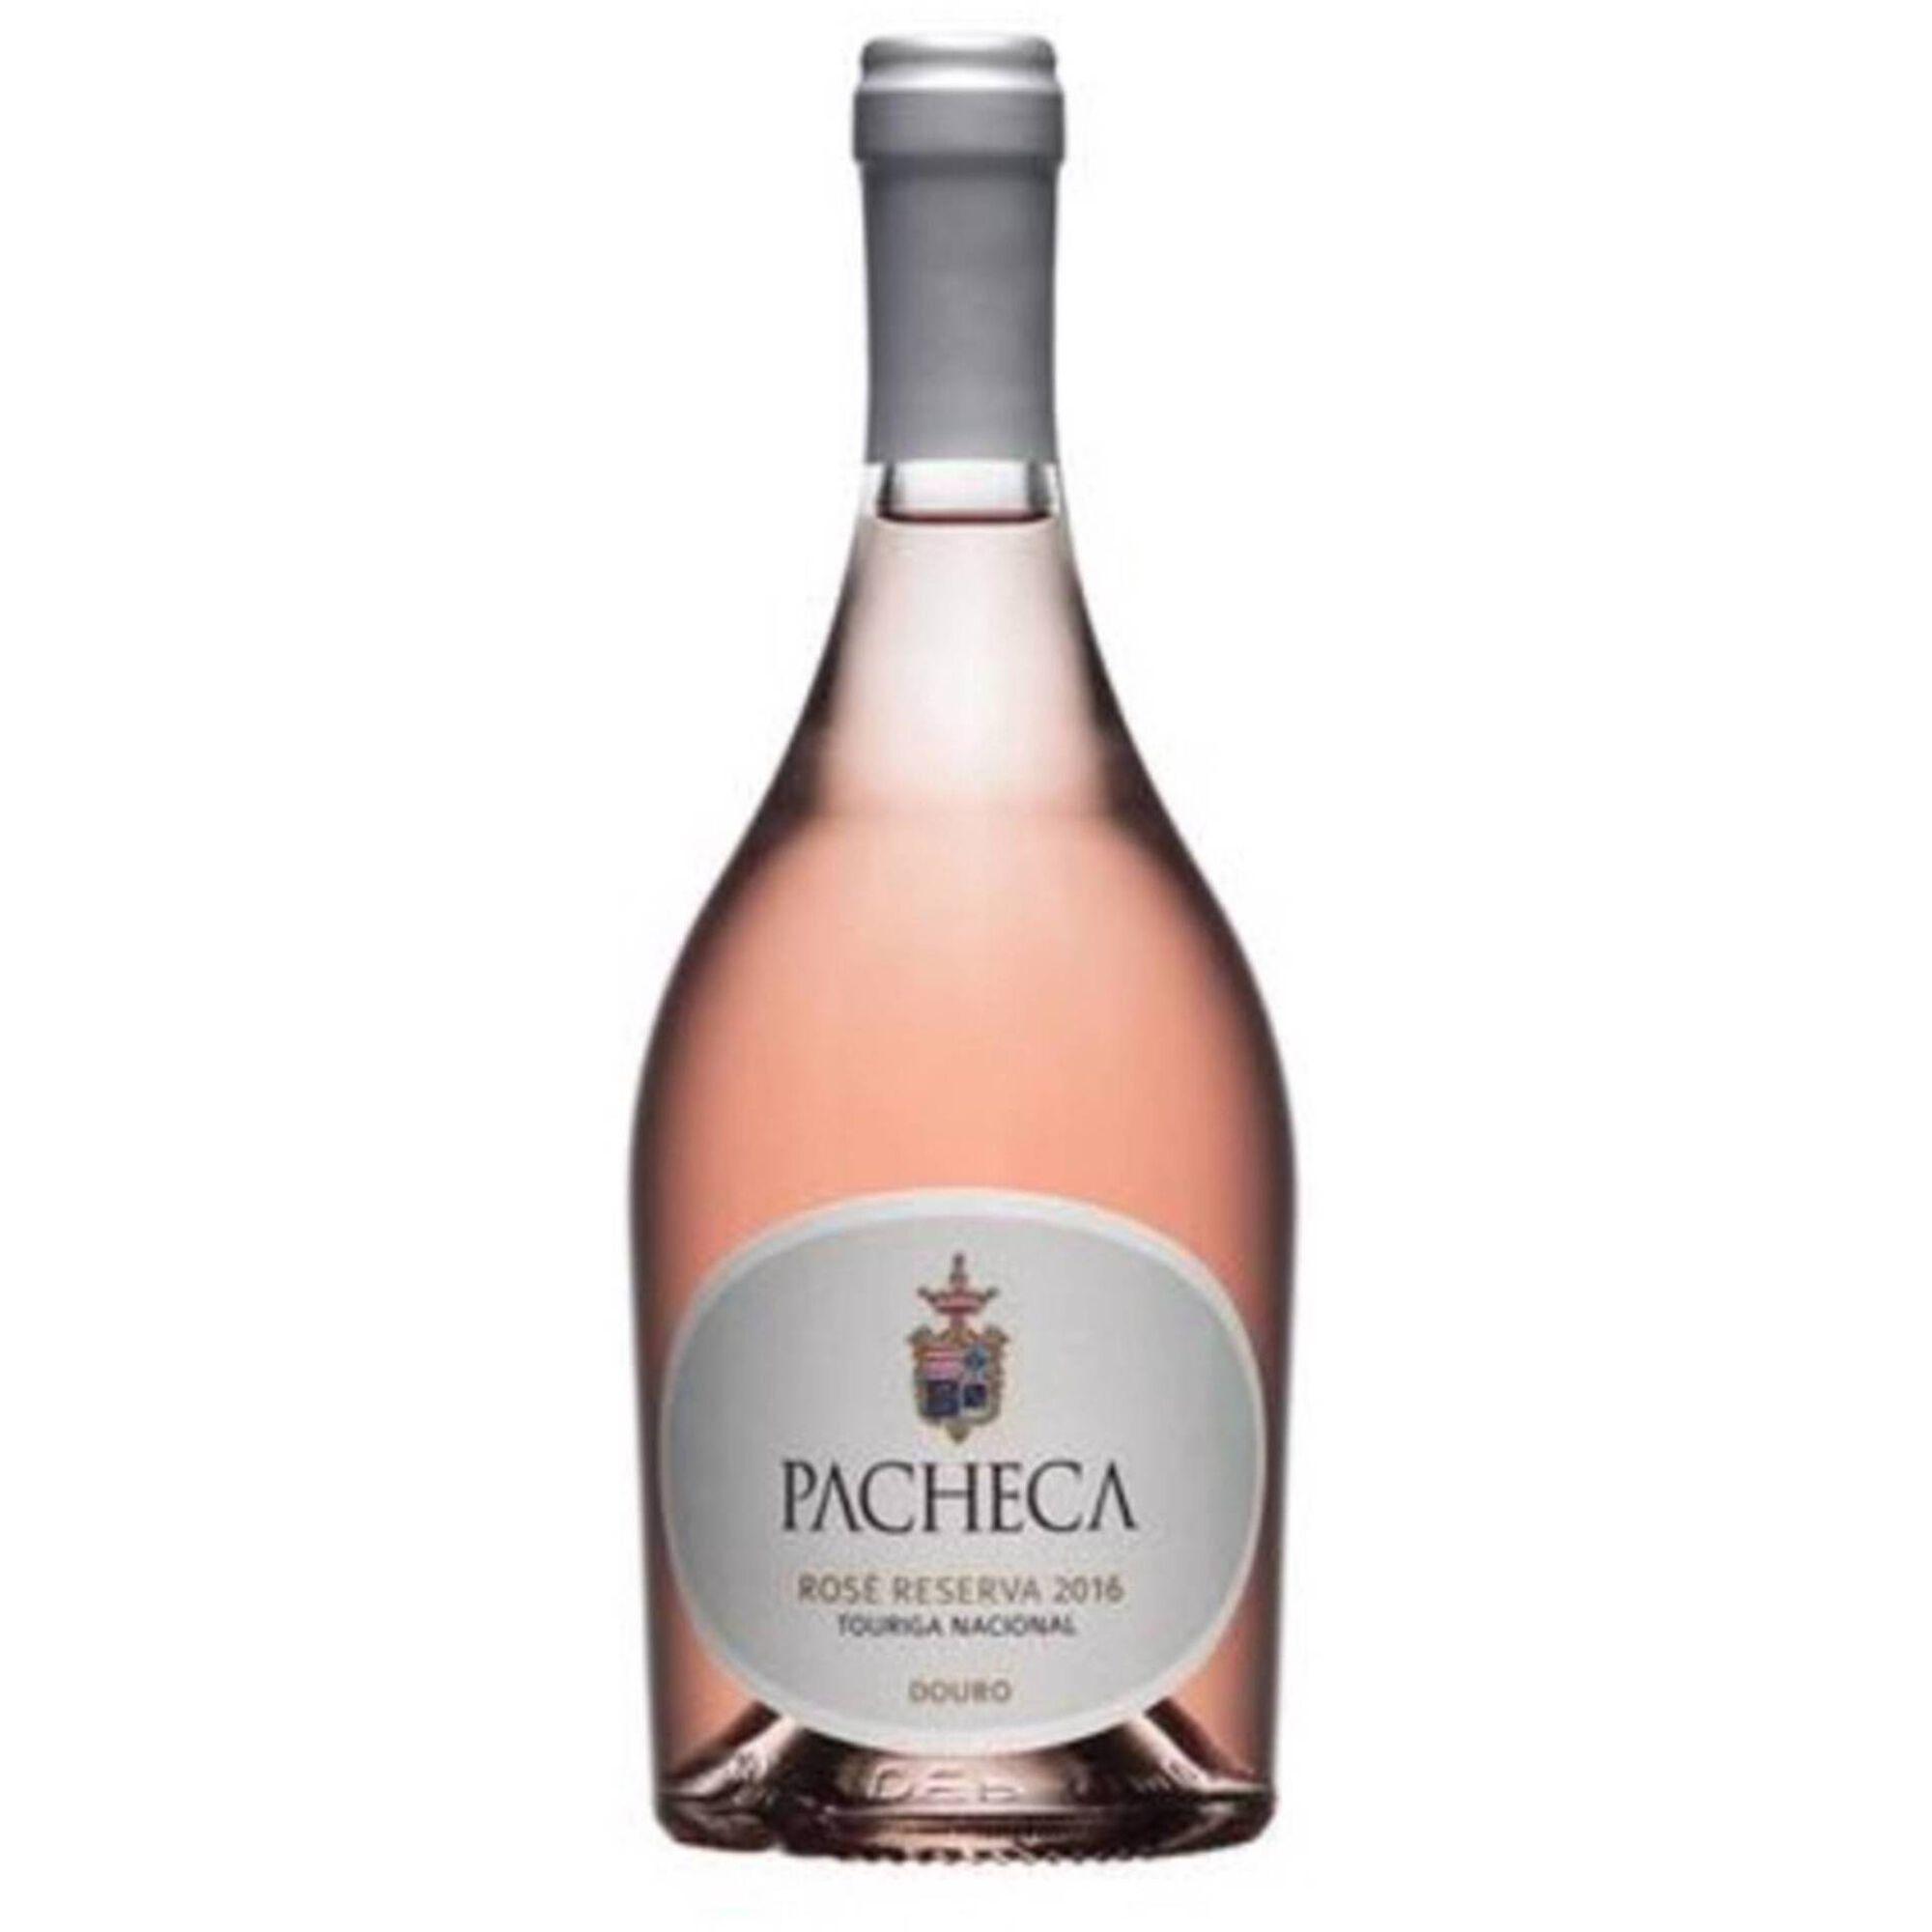 Pacheca Reserva Touriga Nacional DOC Douro Vinho Rosé